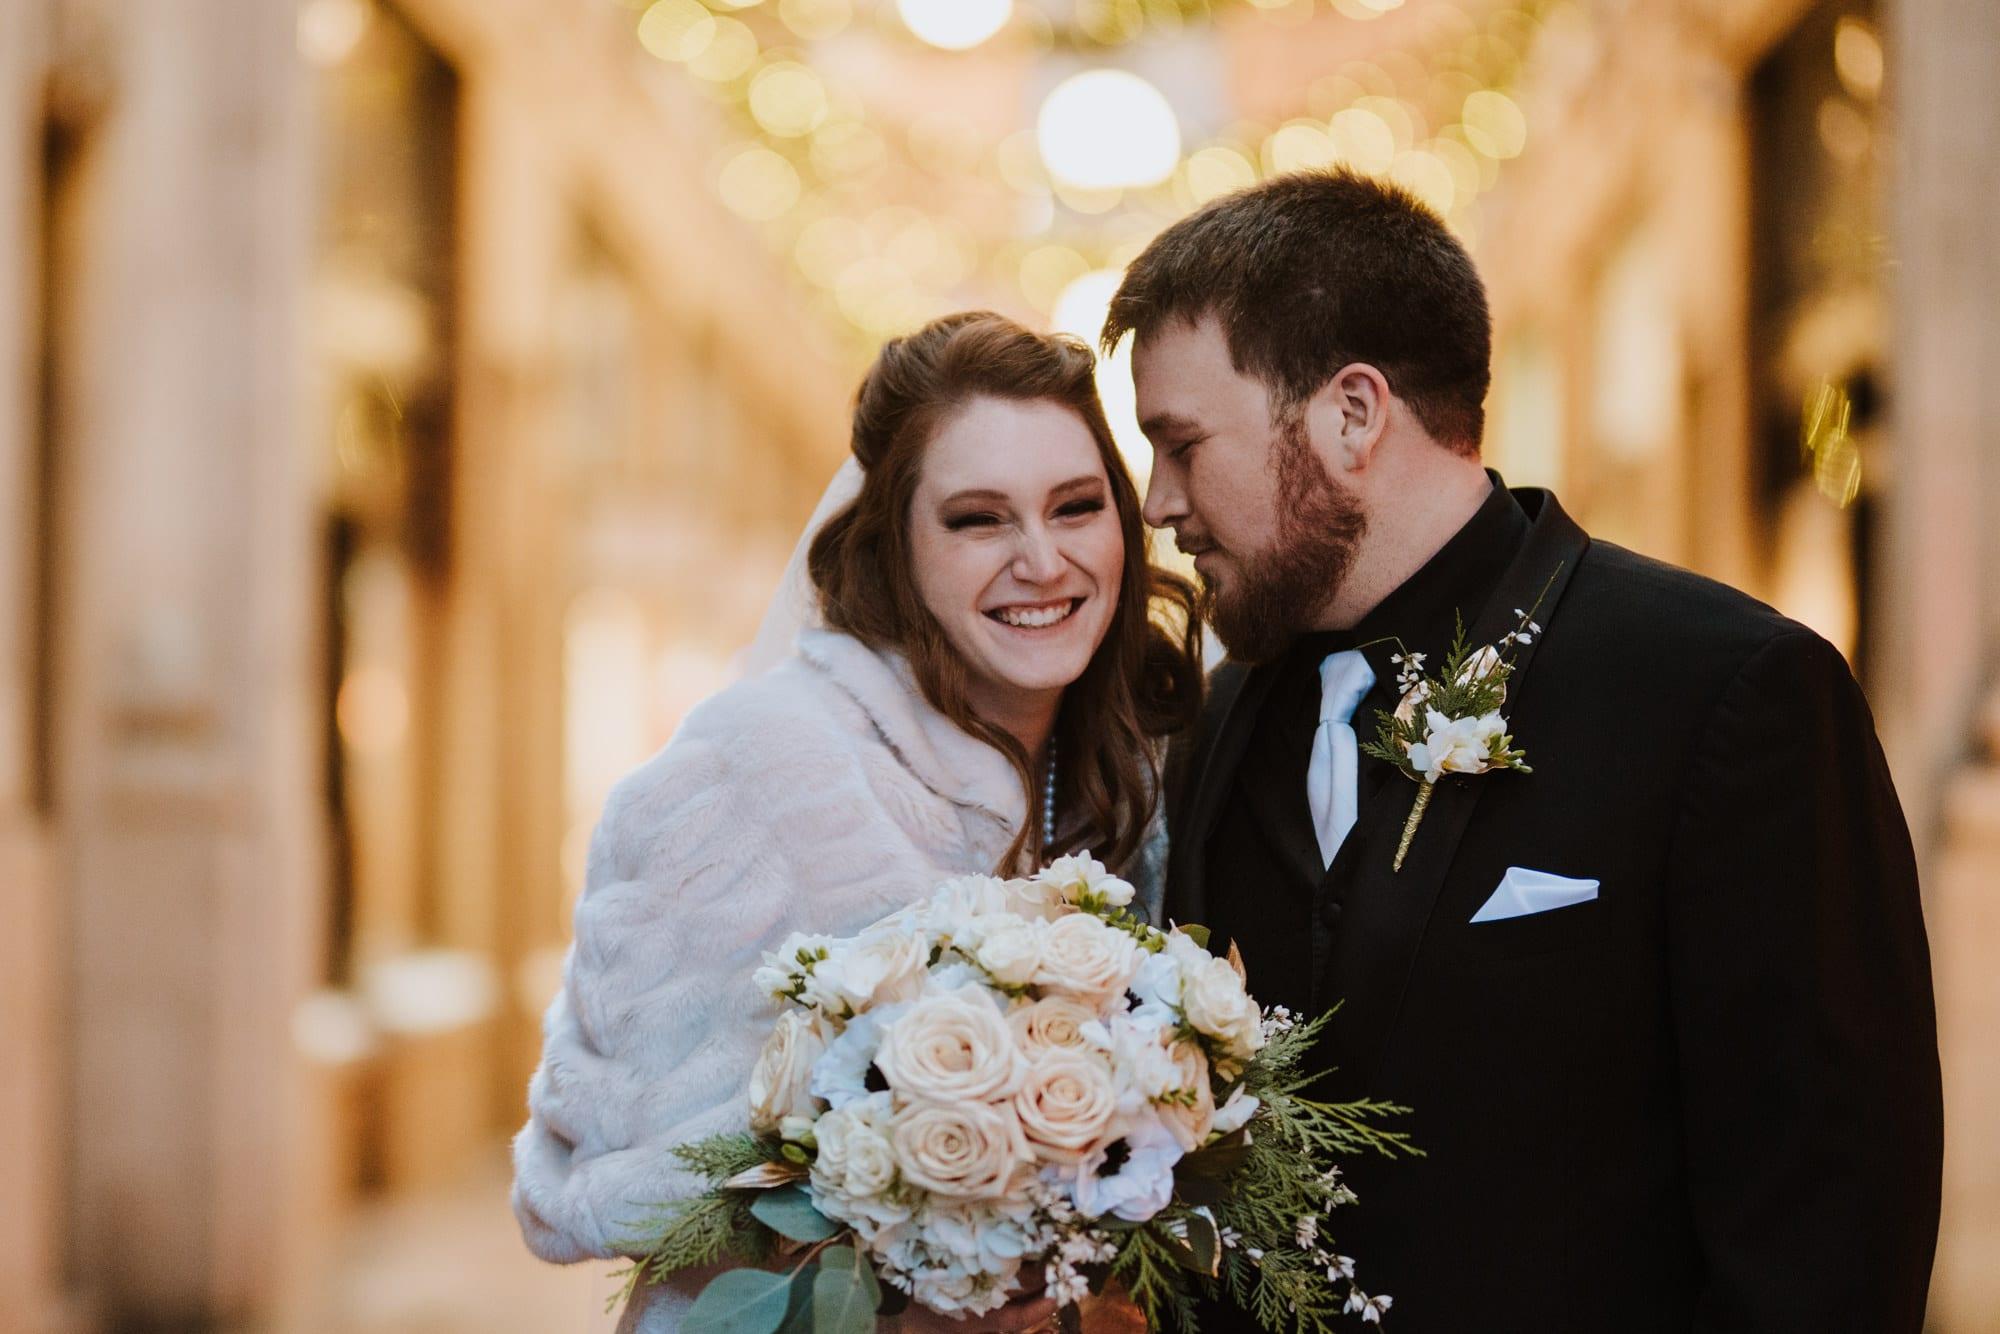 Kensington Hotel Wedding Ann Arbor | Brittany & Taylor